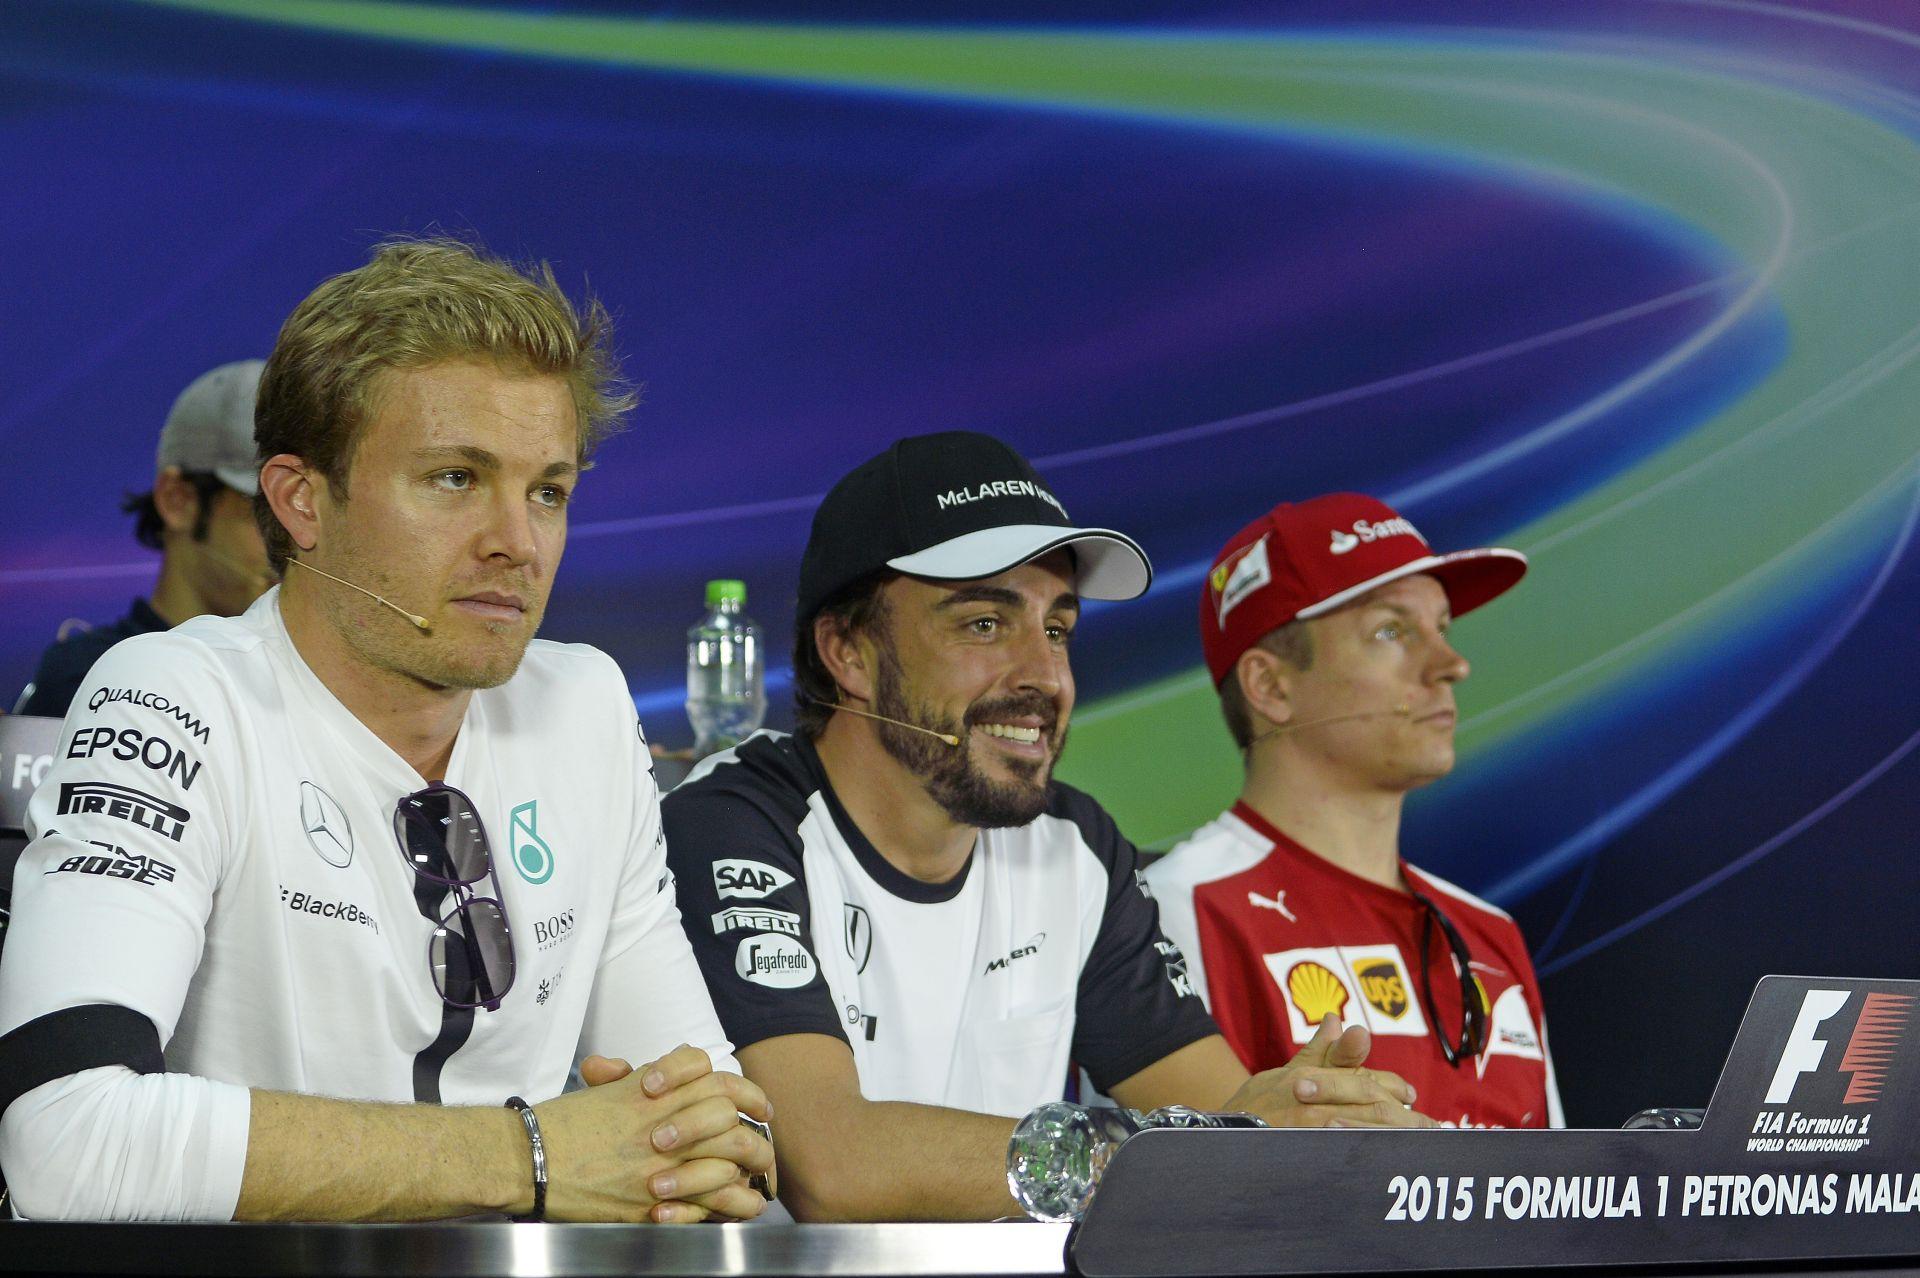 Előbb lesz bajnok ismét Raikkönen a Ferrarival, mint Alonso a McLaren-Hondával?